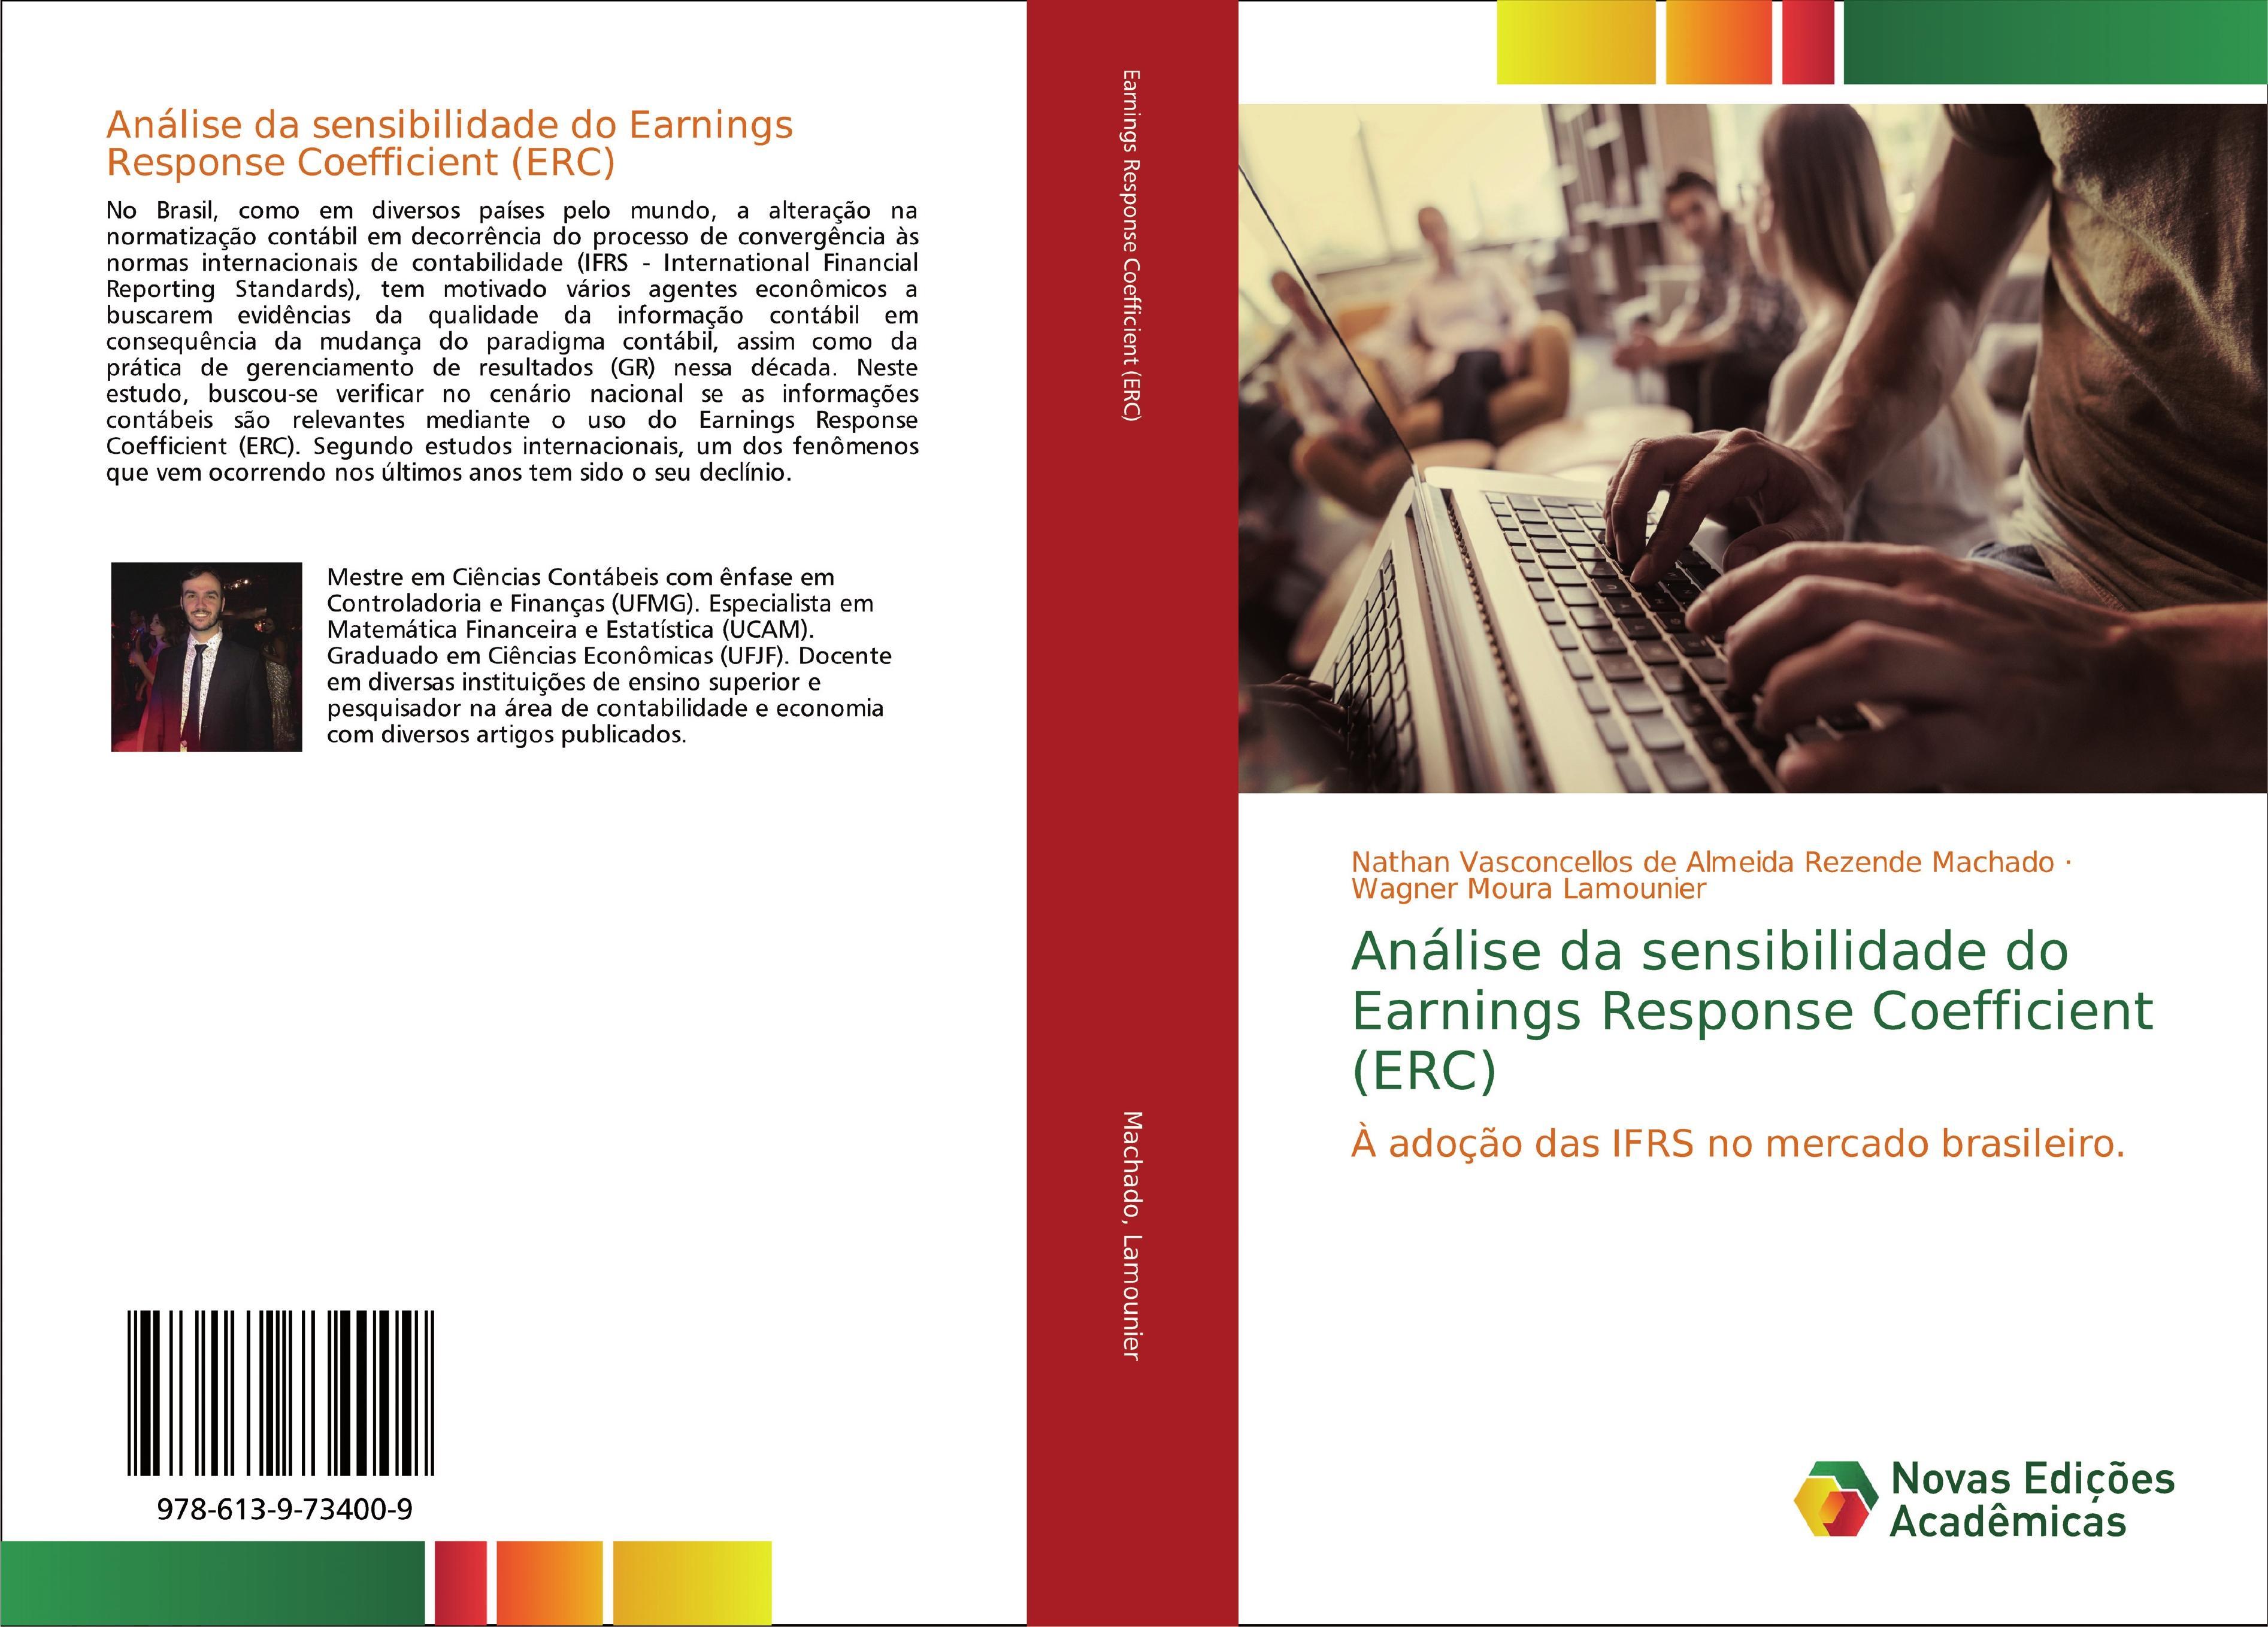 Análise da sensibilidade do Earnings Response Coefficient (ERC)  Nathan Vasconcellos de Almeida Machado  Taschenbuch  Portugiesisch  2018 - Machado, Nathan Vasconcellos de Almeida